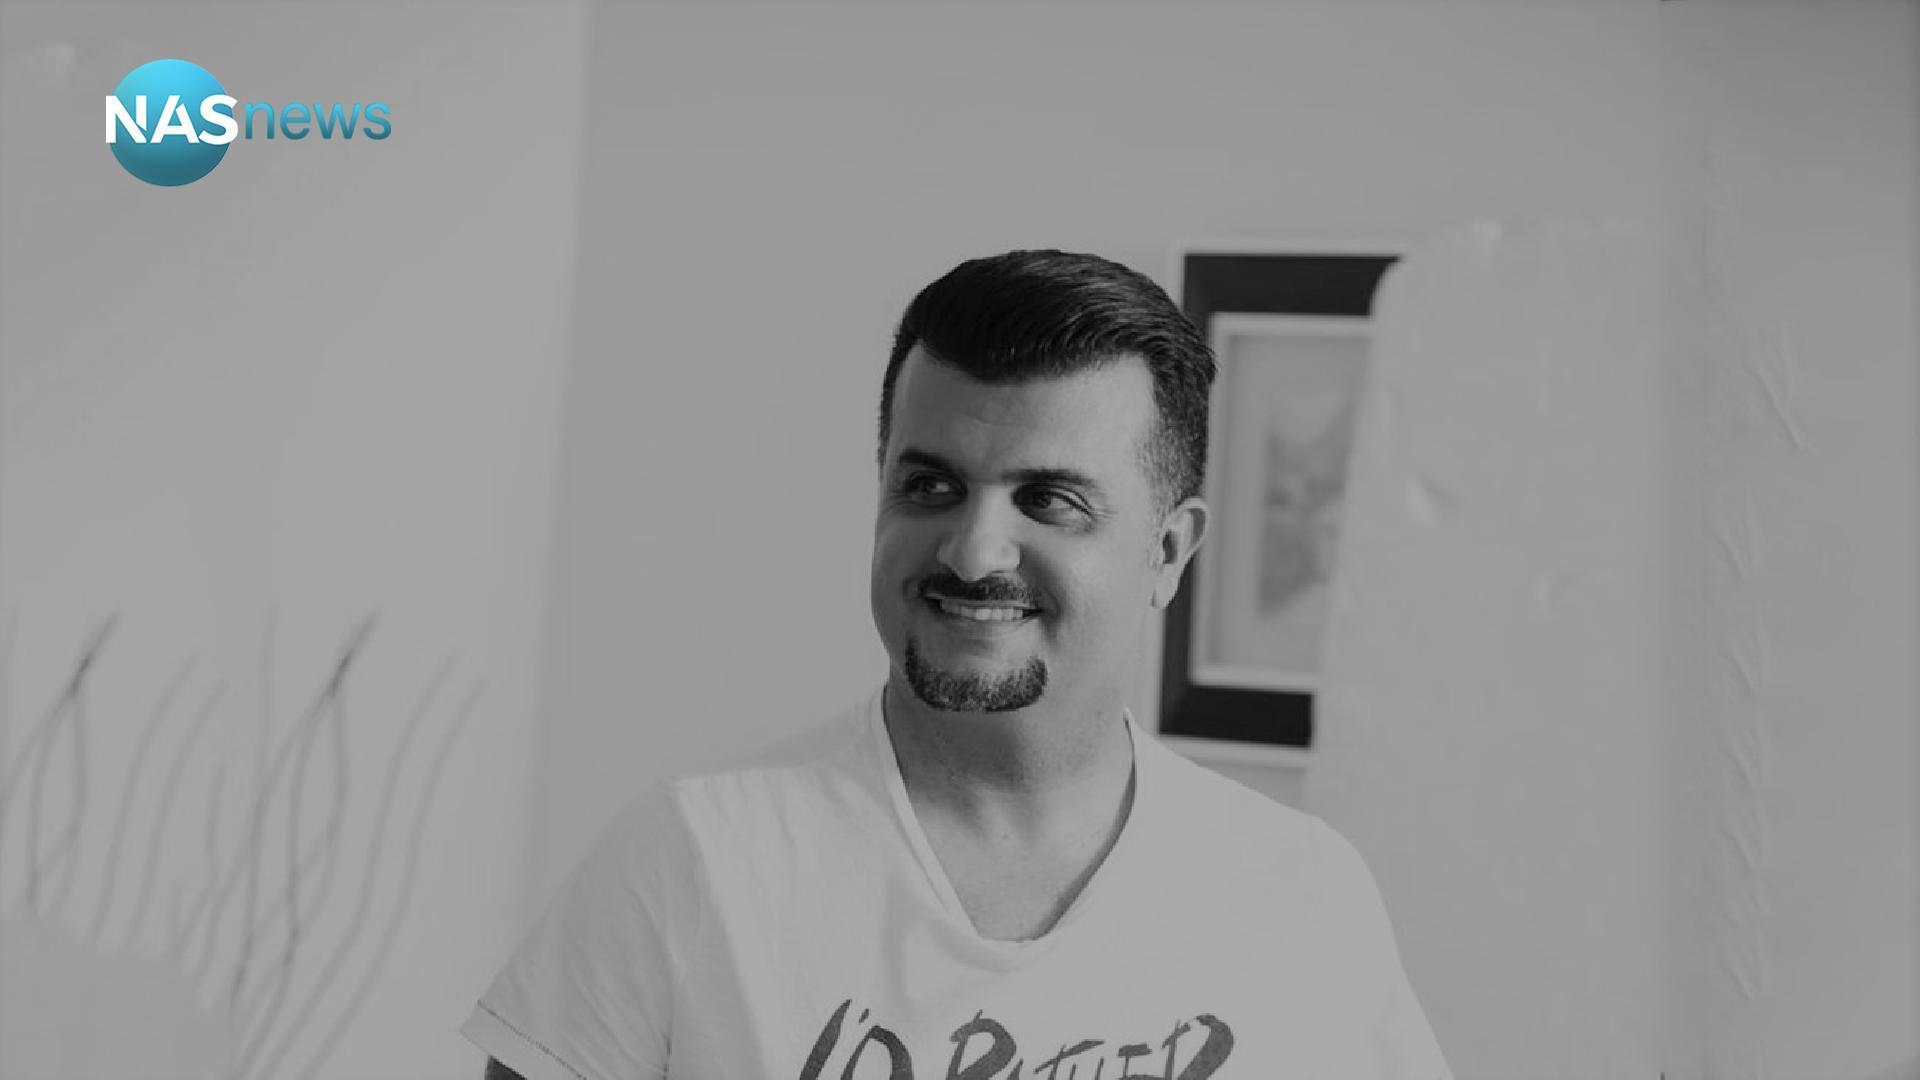 وفاة الفنان الكويتي مشاري البلام بفيروس كورونا